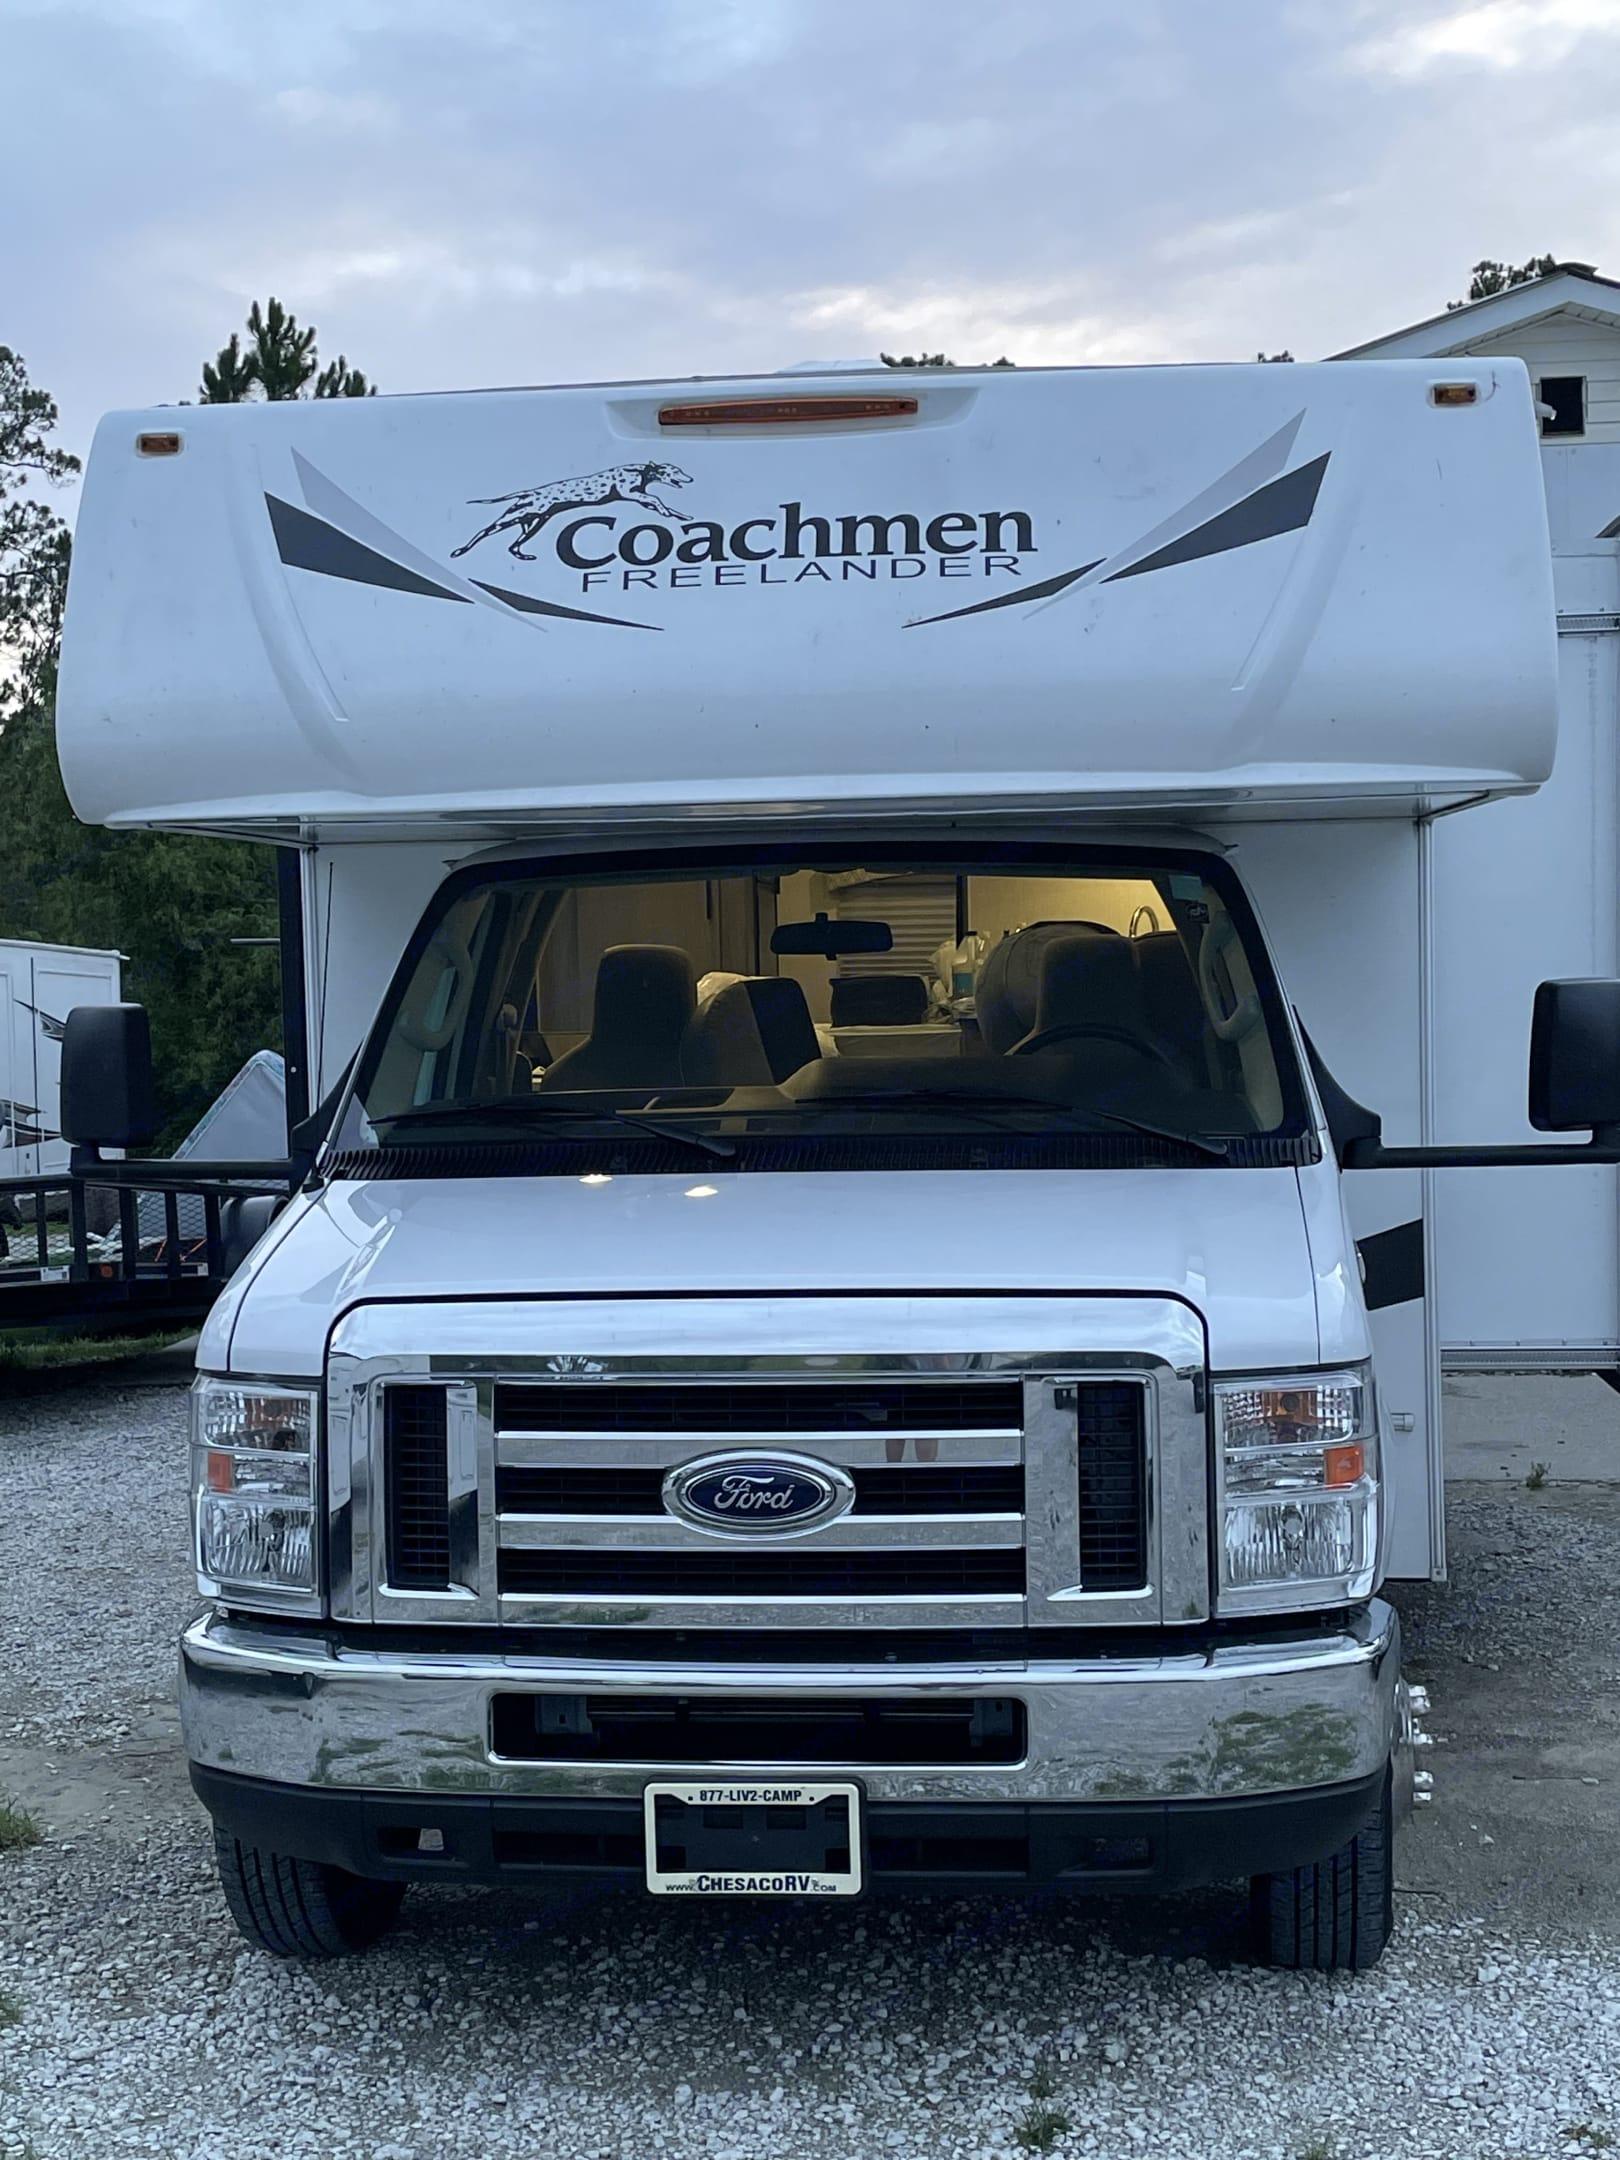 Coachmen Freelander 2020